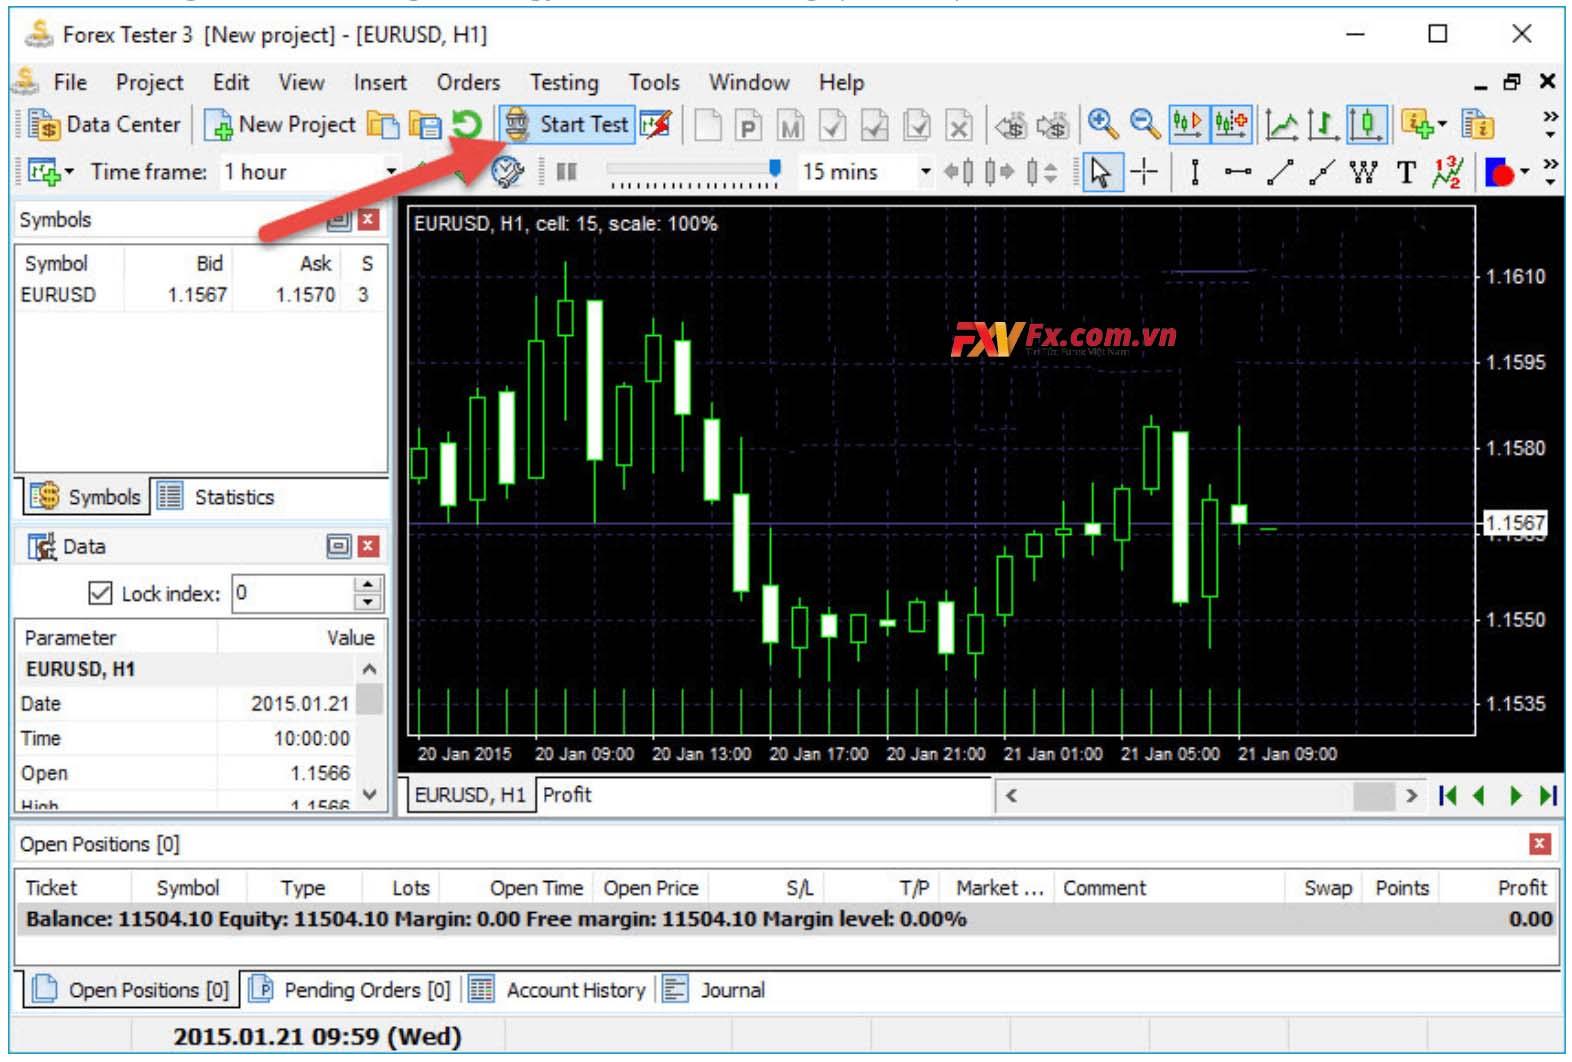 Cách tạo Project trên Forex Tester 3